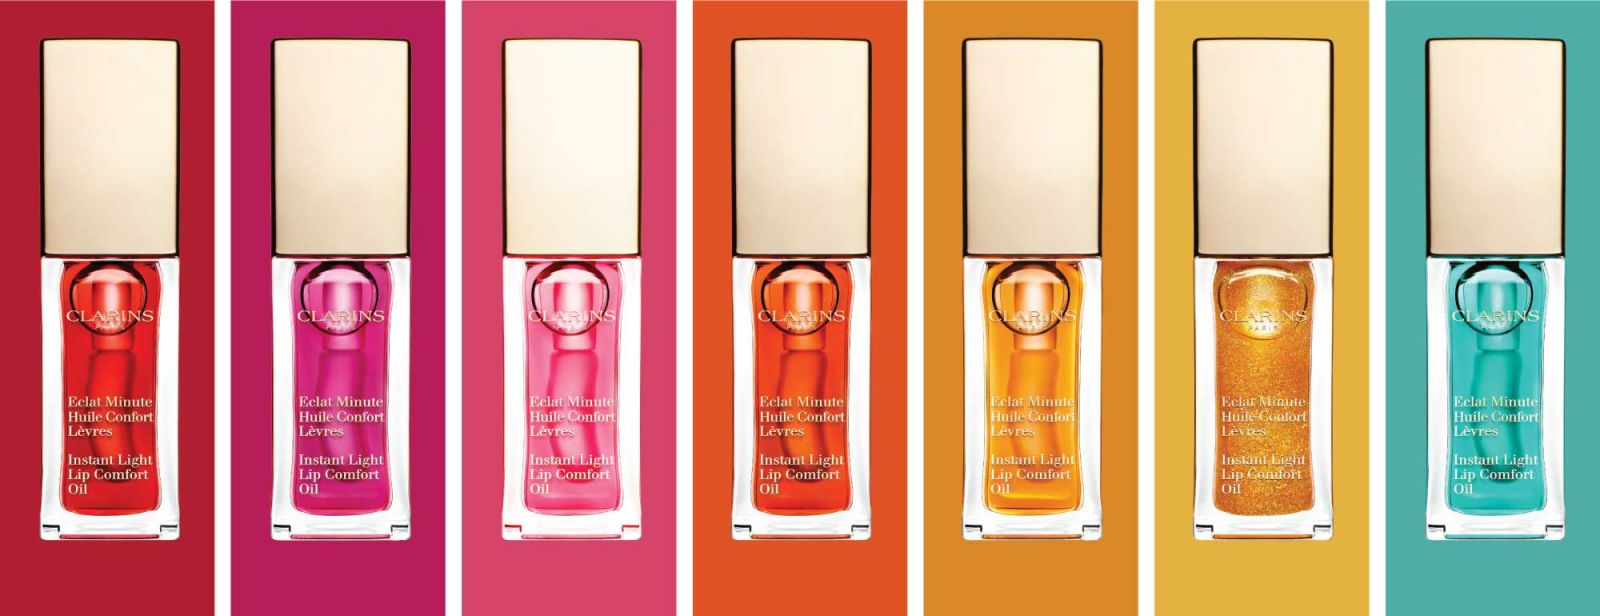 Clarins представил новые оттенки популярного масла для губ (ФОТО)